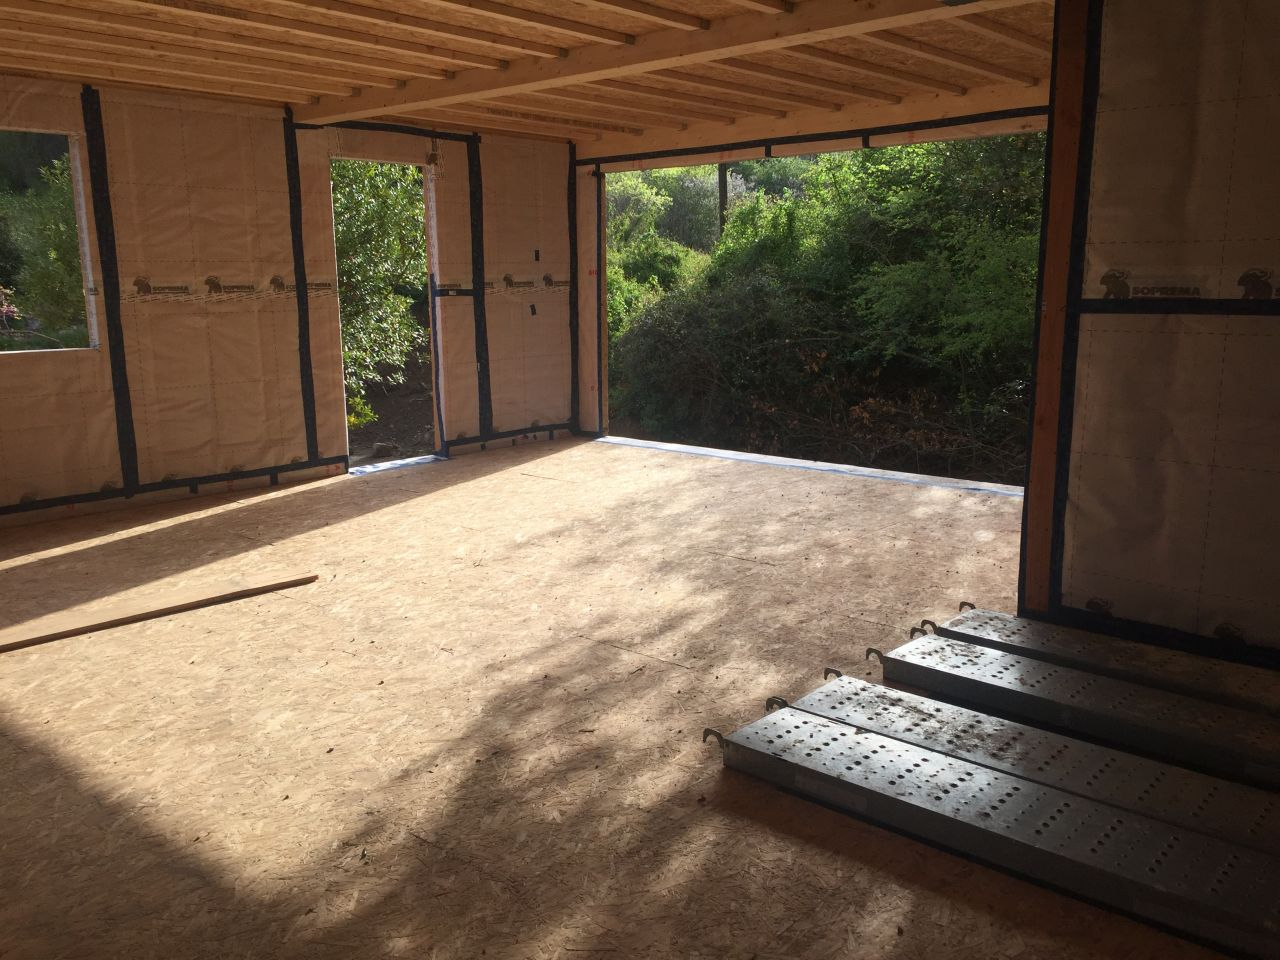 Hors D'eau vue interieur la lumiere naturel du salon le matin